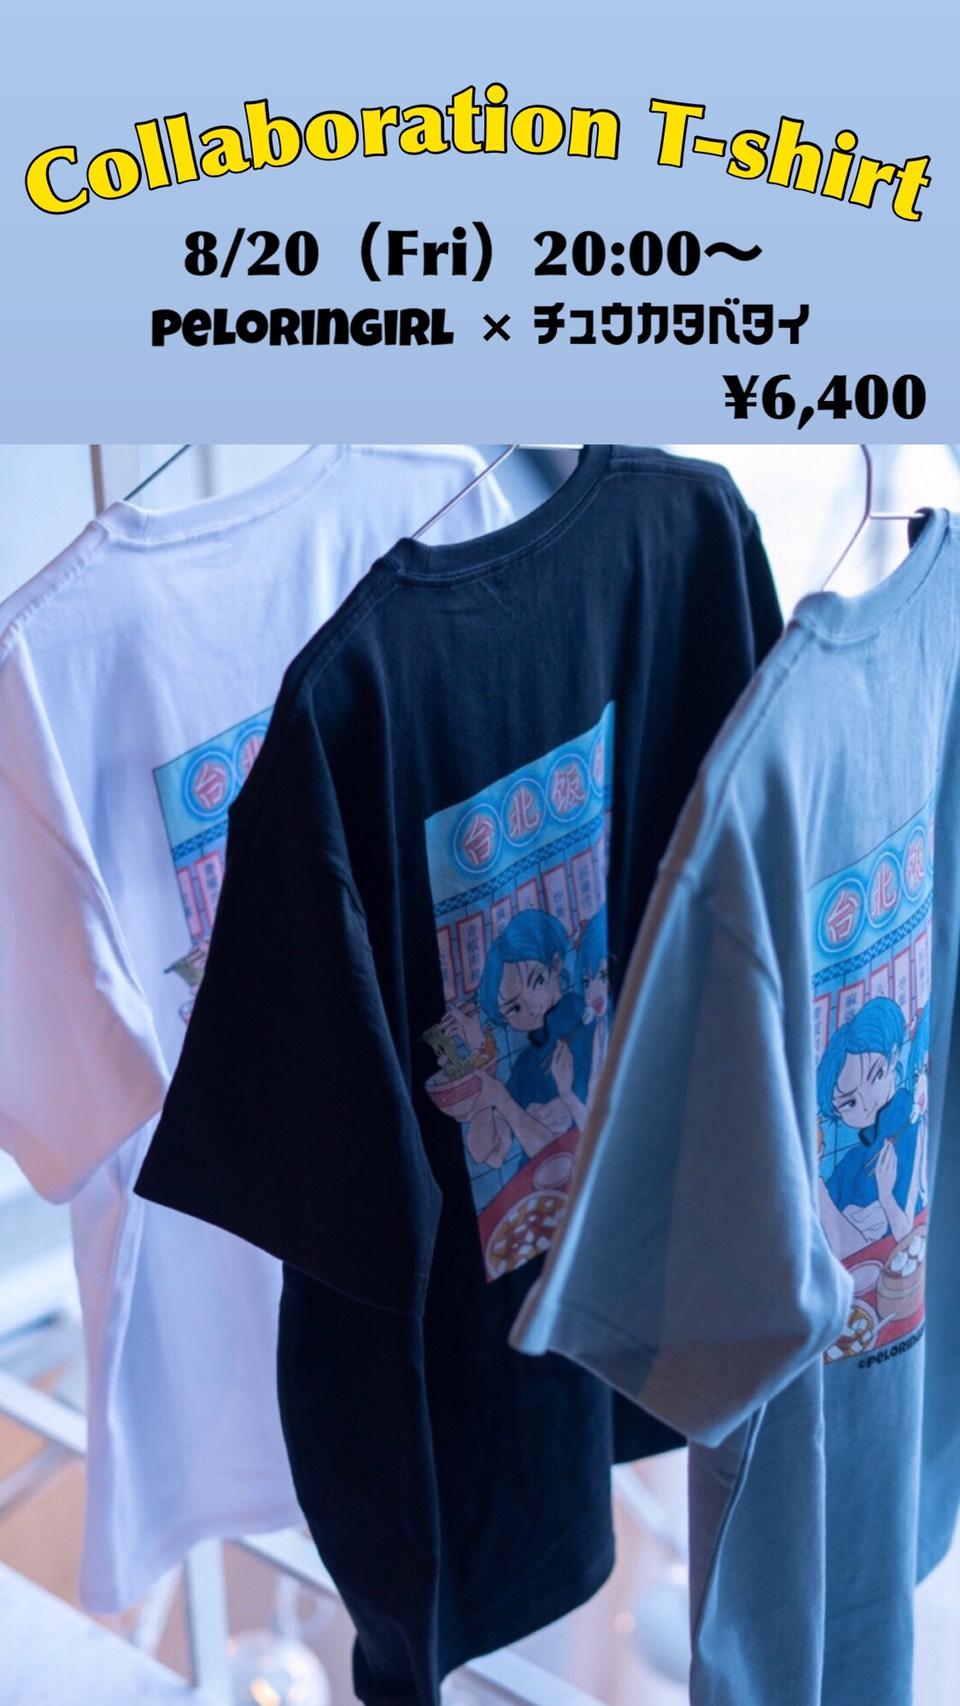 【3日間限定】チュウカタベタイ×peloringirl コラボ限定Tシャツ